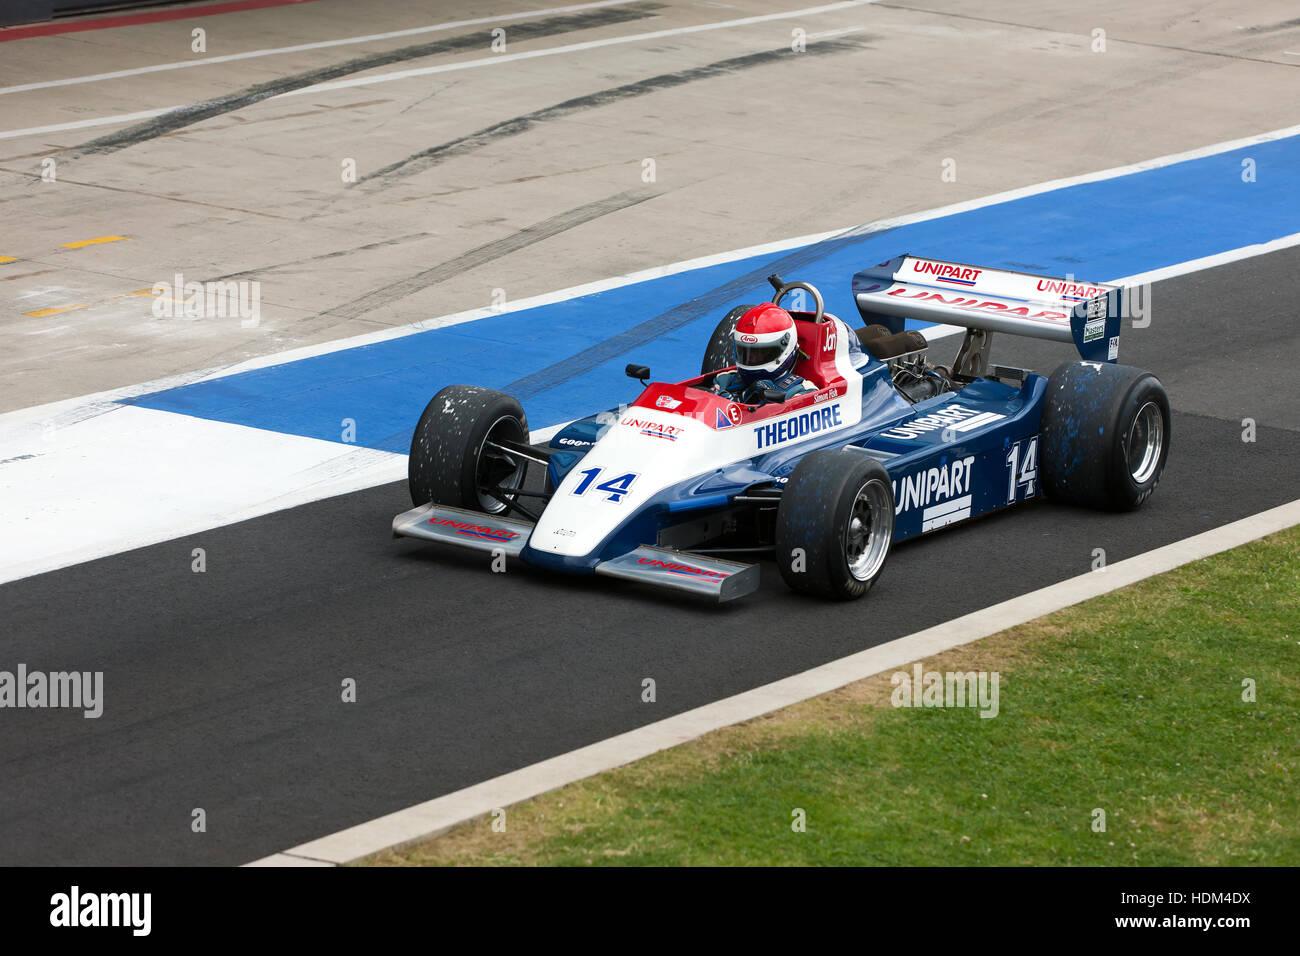 Simon Fish in a1980, Fähnrich N180, verlassen die Box für den Start der FIA Masters Historic F1-Rennen Stockbild